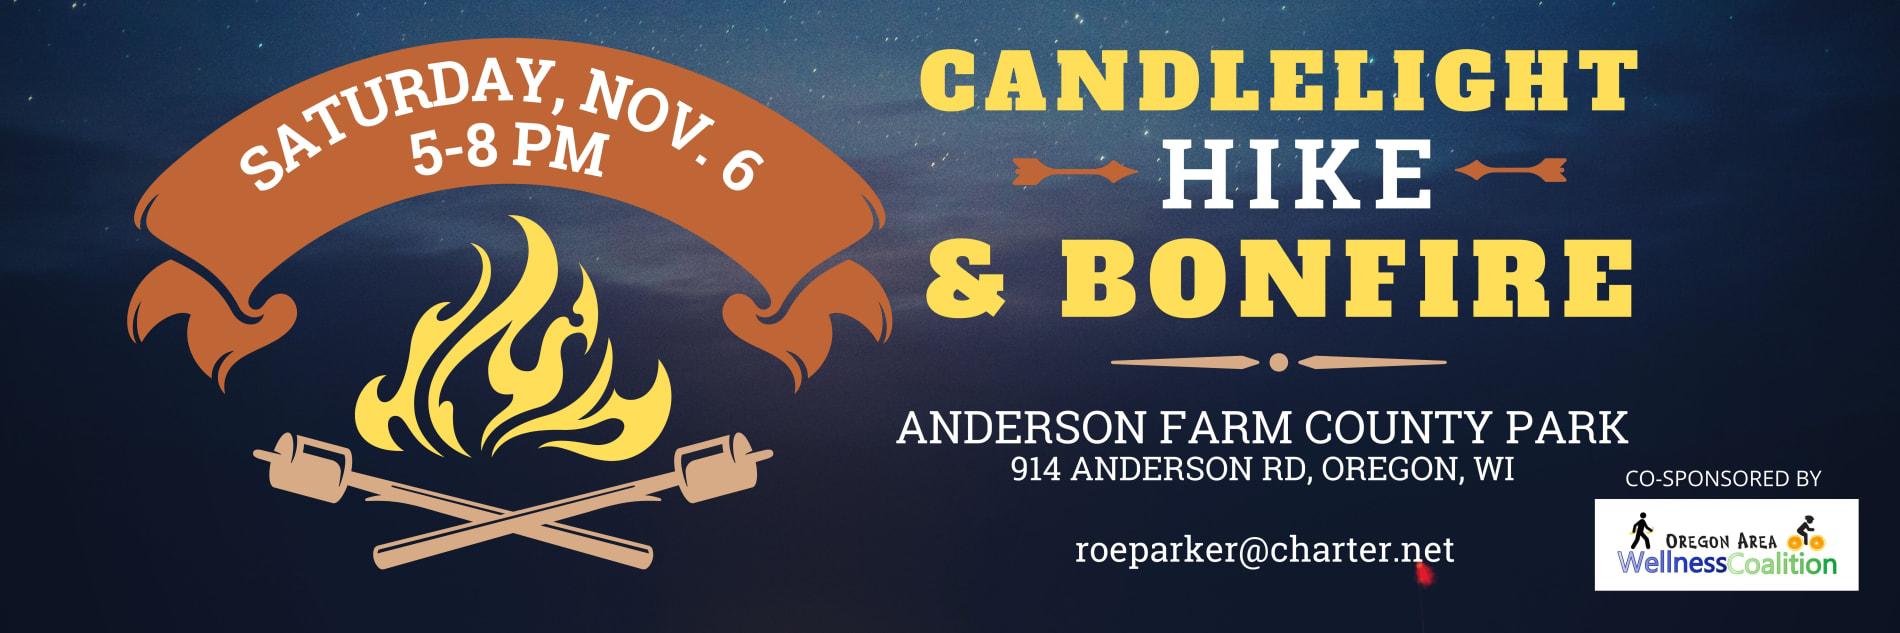 Candlelight-Hike-and-Bonfire_092921-110621-w1900.jpg